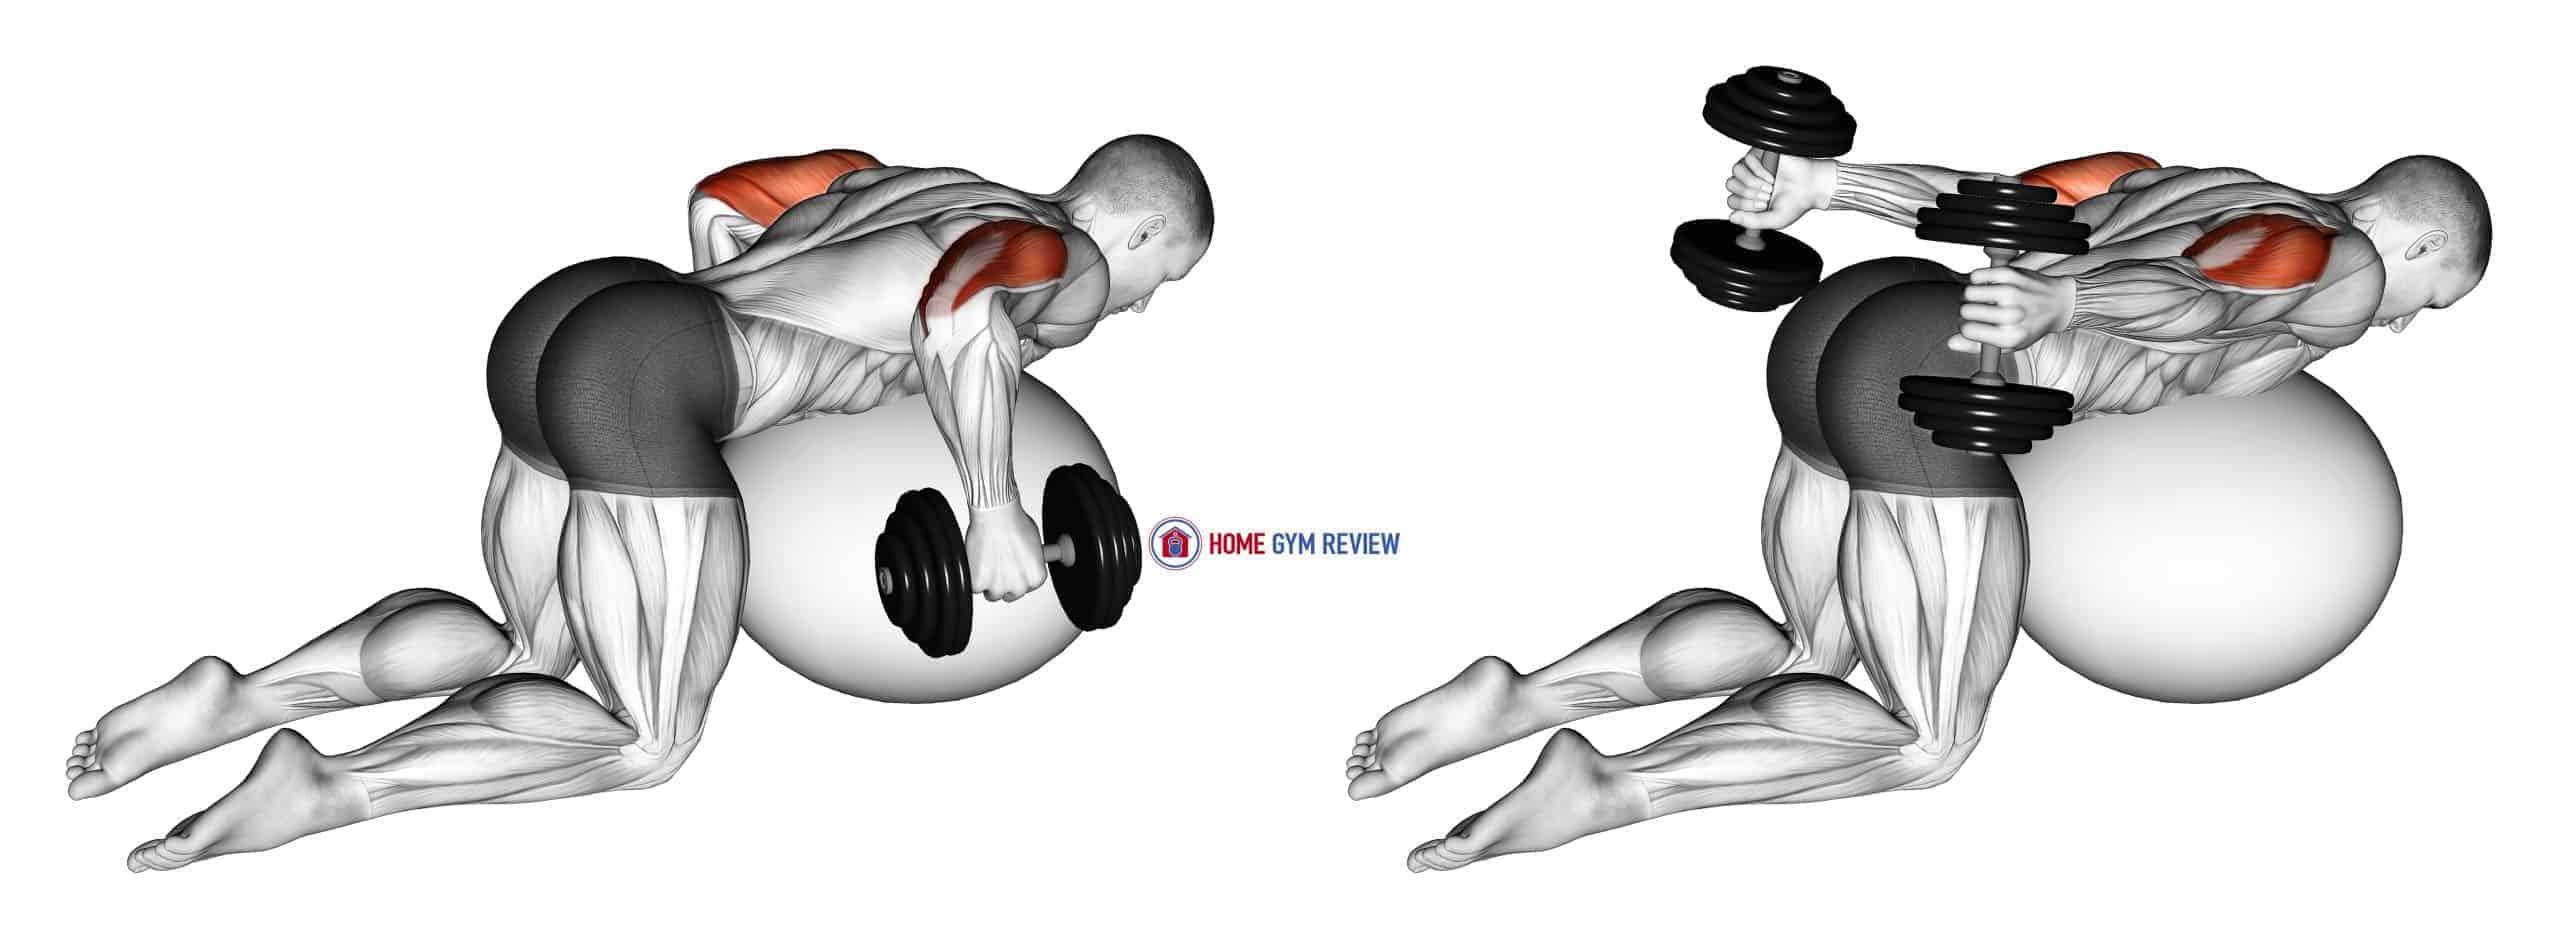 Dumbbell Kickbacks on Exercise Ball